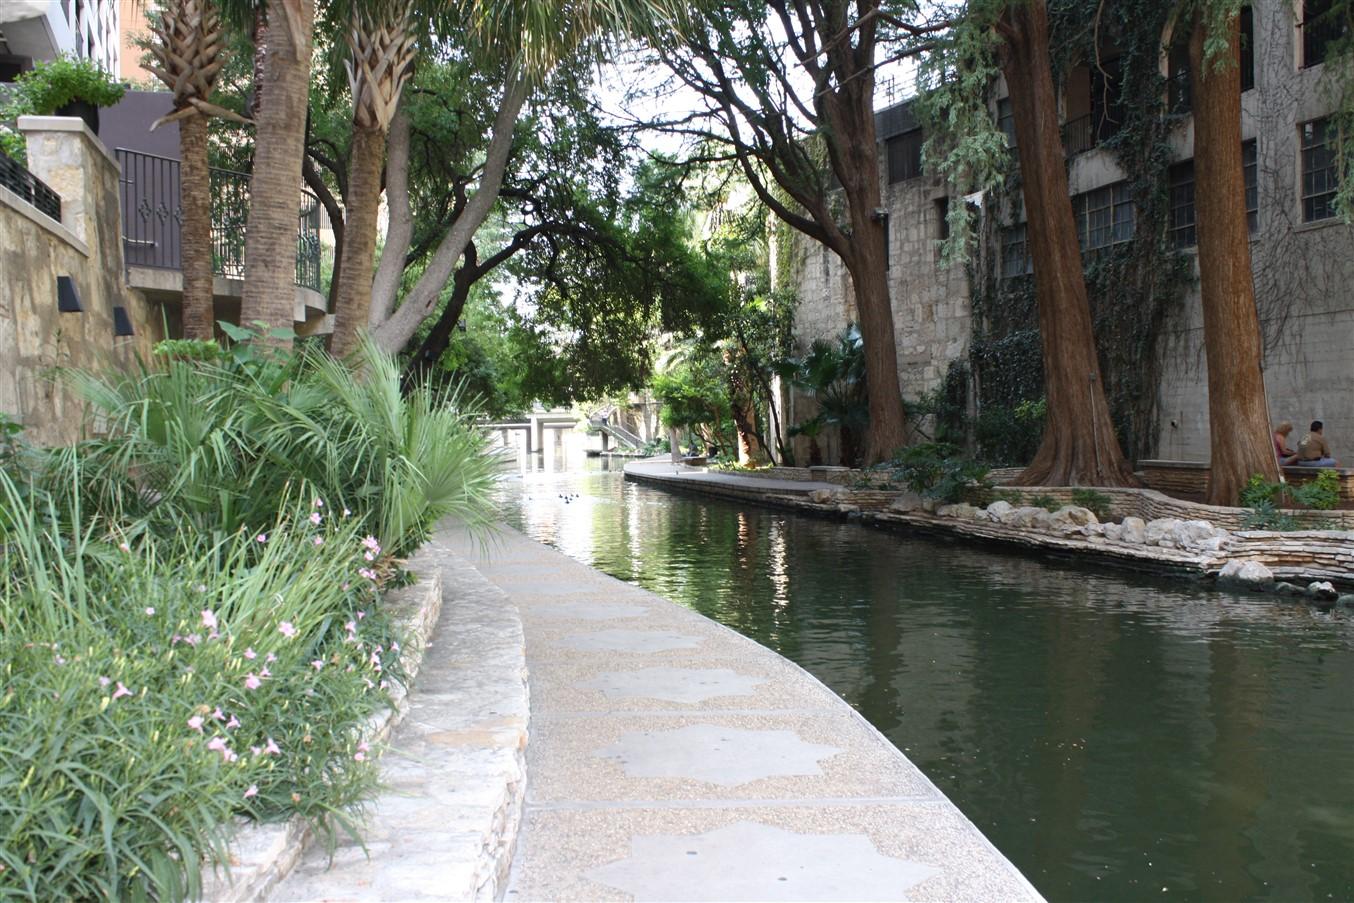 2009 08 27 22 San Antonio.jpg